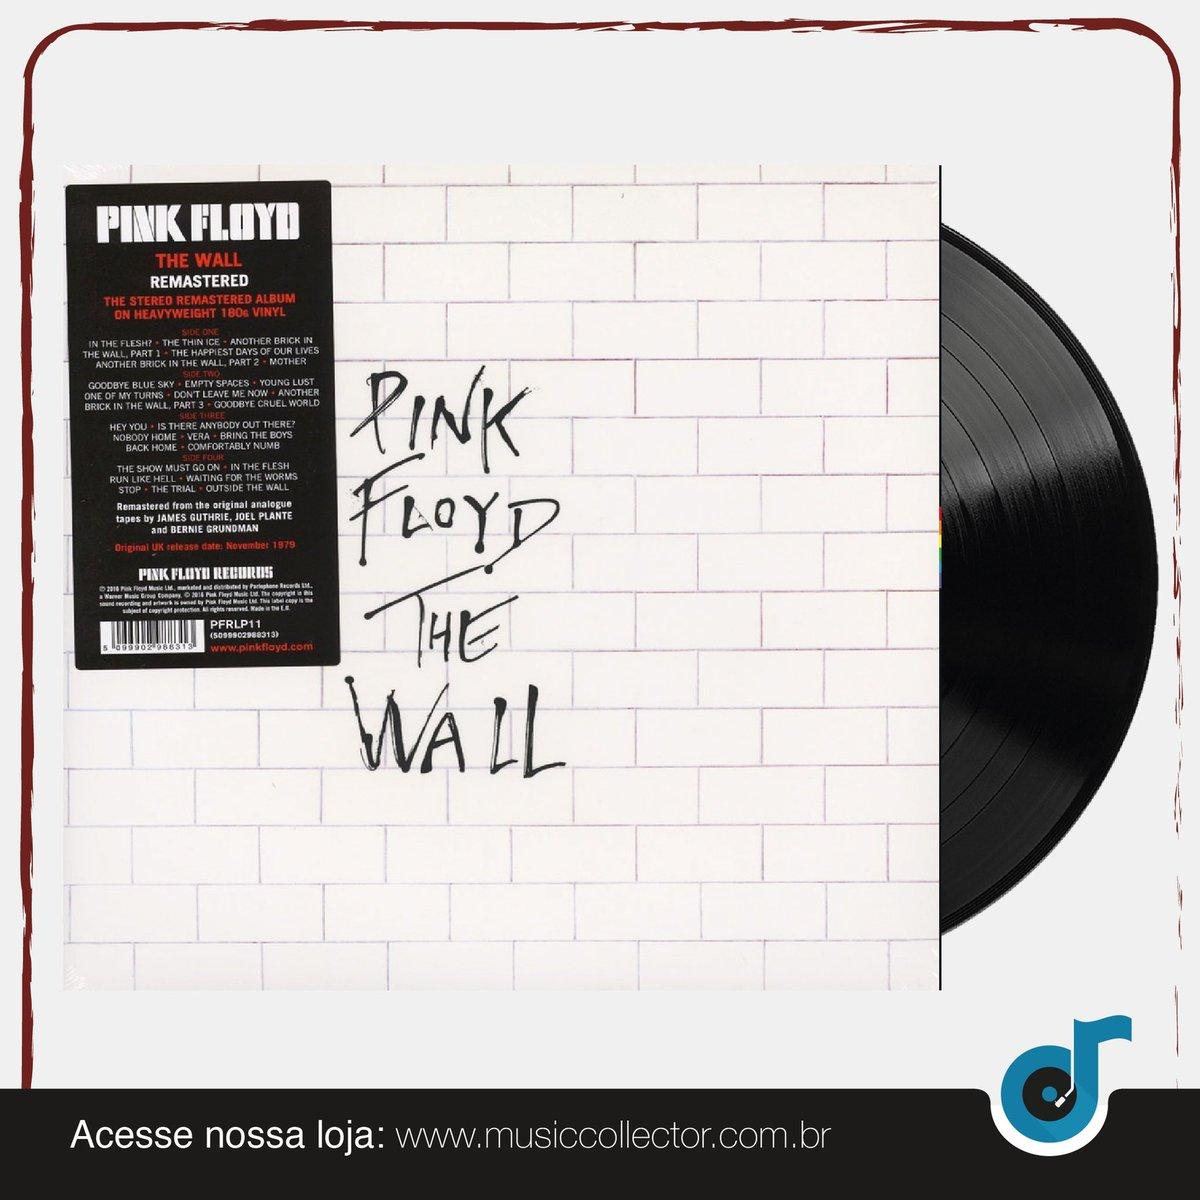 Além do sorteio, teremos esse clássico do Rock à pronta-entrega na nossa loja!  Fiquem ligados que dia 31 de julho já estaremos a todo vapor!  #pinkfloyd #colecionadores #thewallpinkfloyd #vinyl #vinil #vinillovers #rock #rocknroll #classicosdorockpic.twitter.com/xRhXeIccin